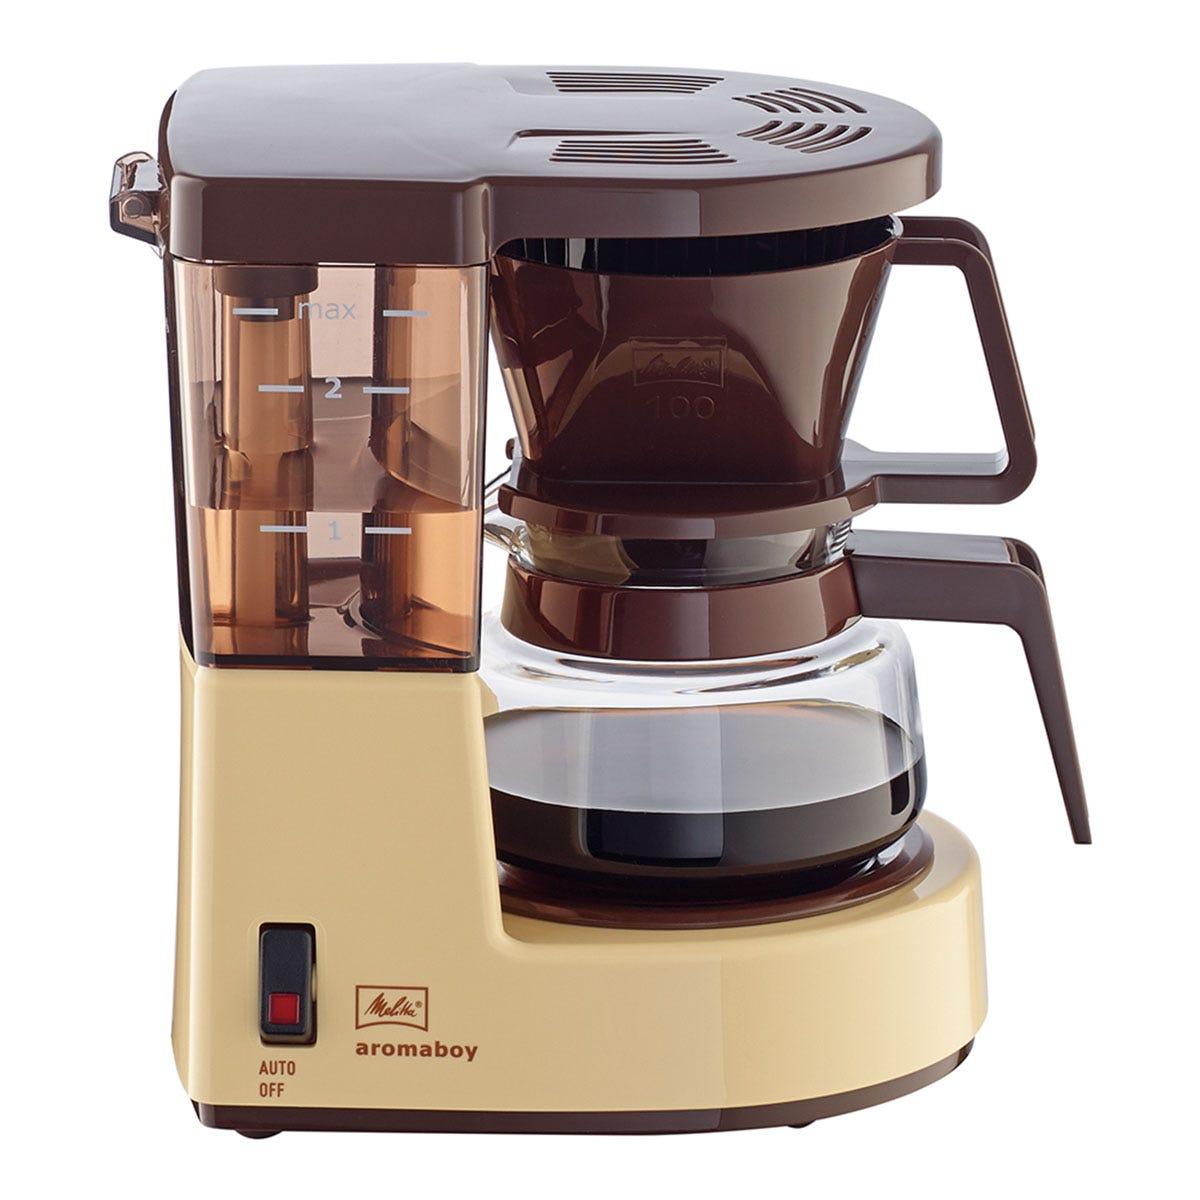 Melitta 6707231 Aromaboy 500W Filter Coffee Machine - Beige